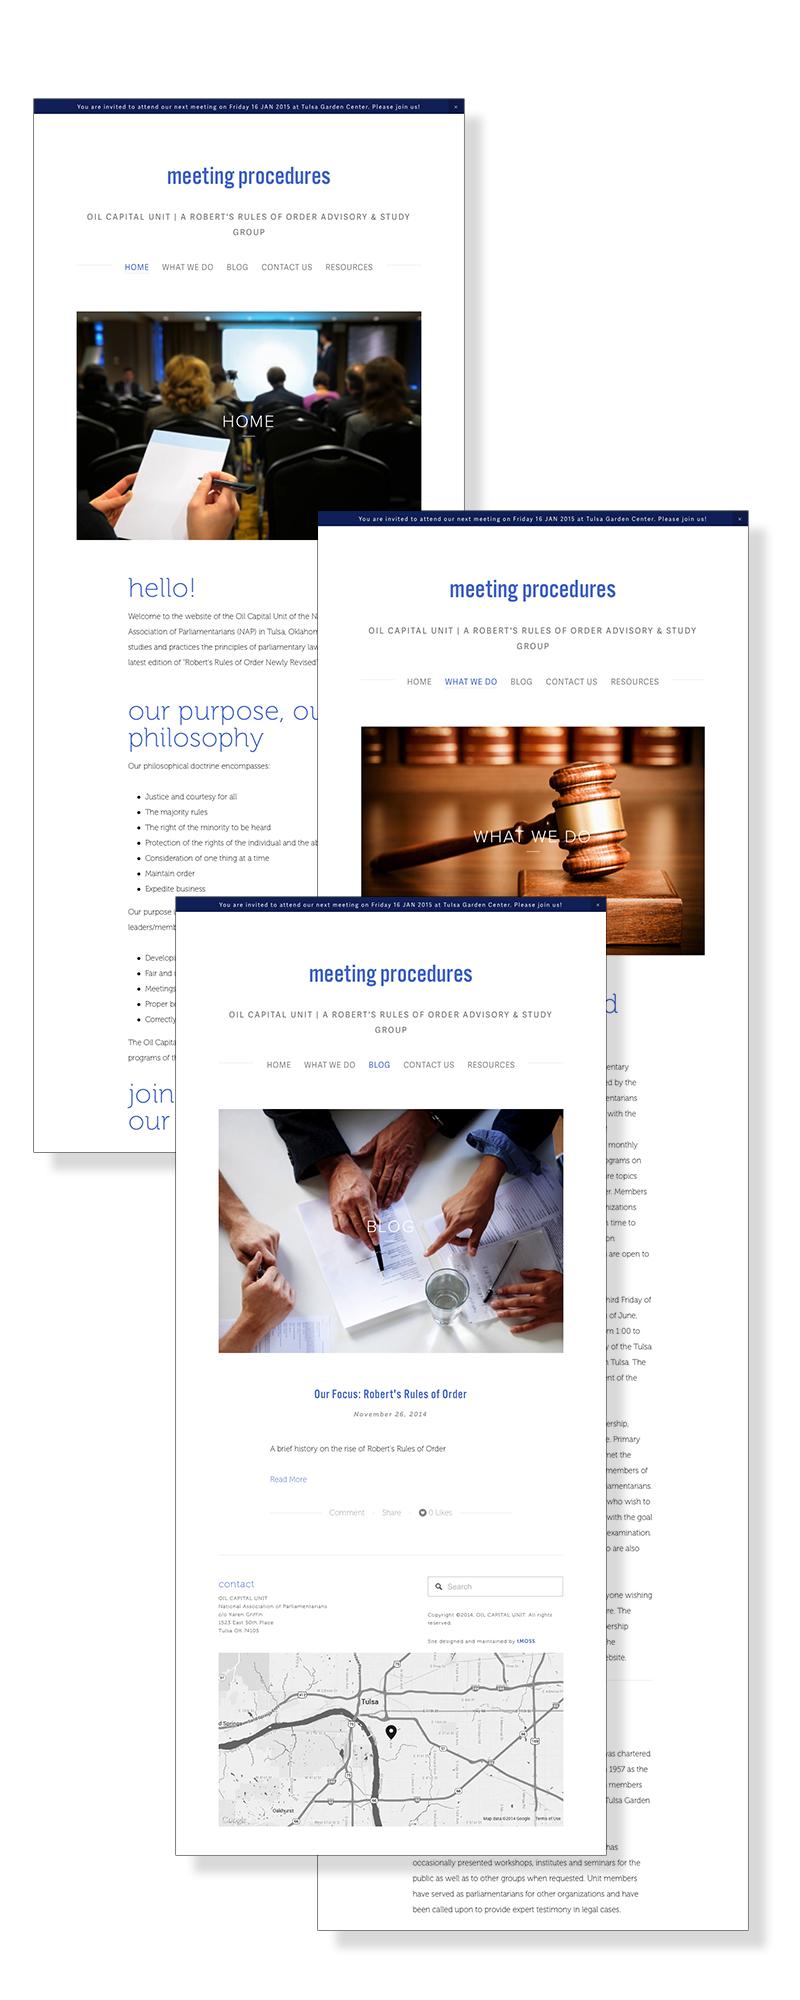 ocunap-pages-tmoss-portfolio.jpg